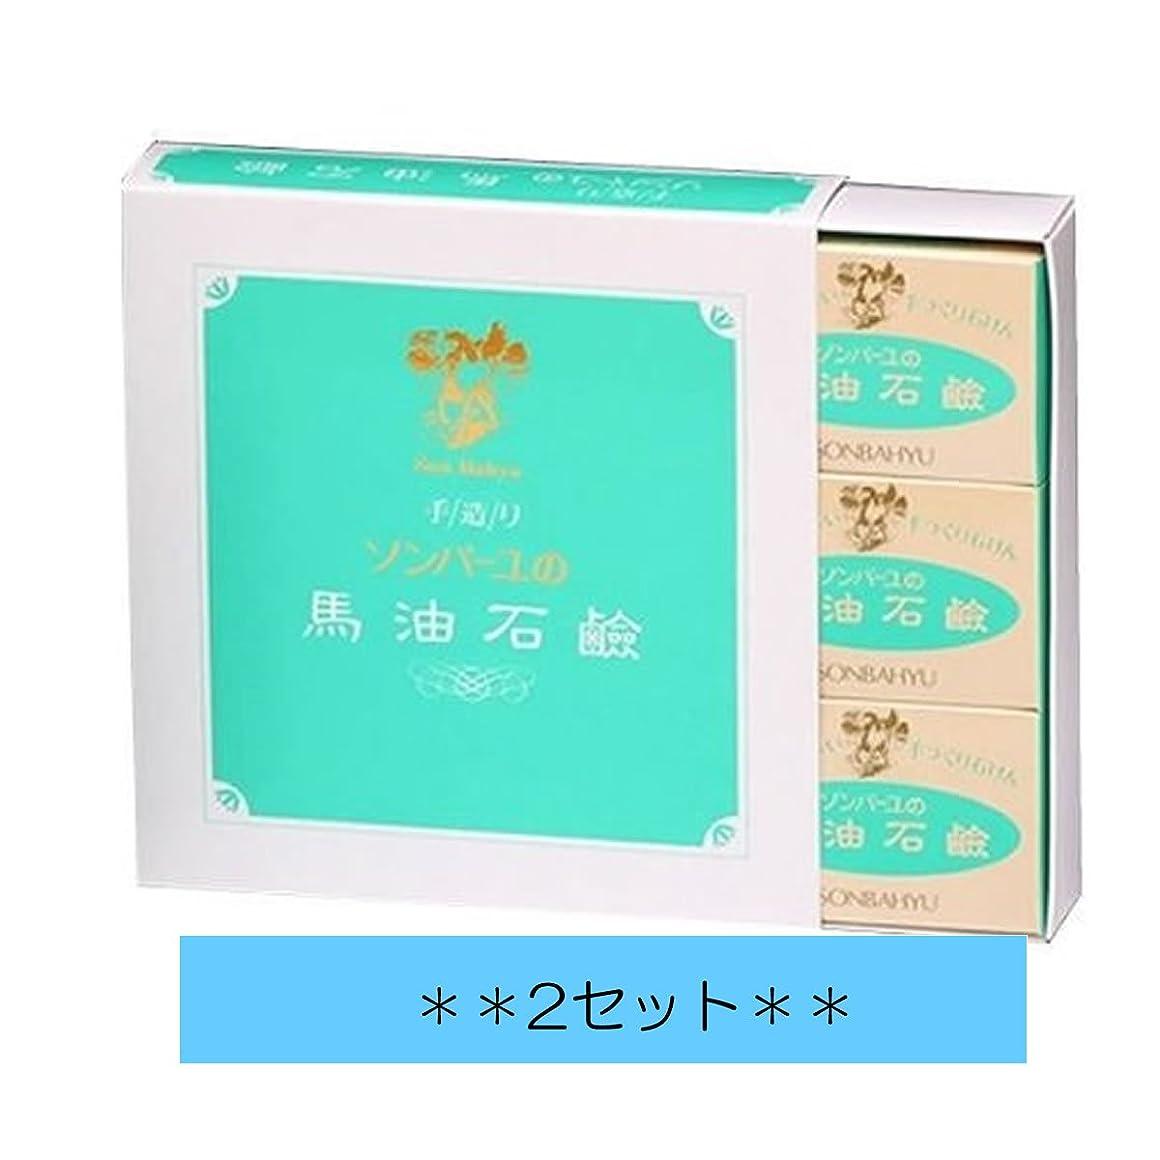 残高の前で学習者【2箱セット】ソンバーユ石鹸 85g×6個